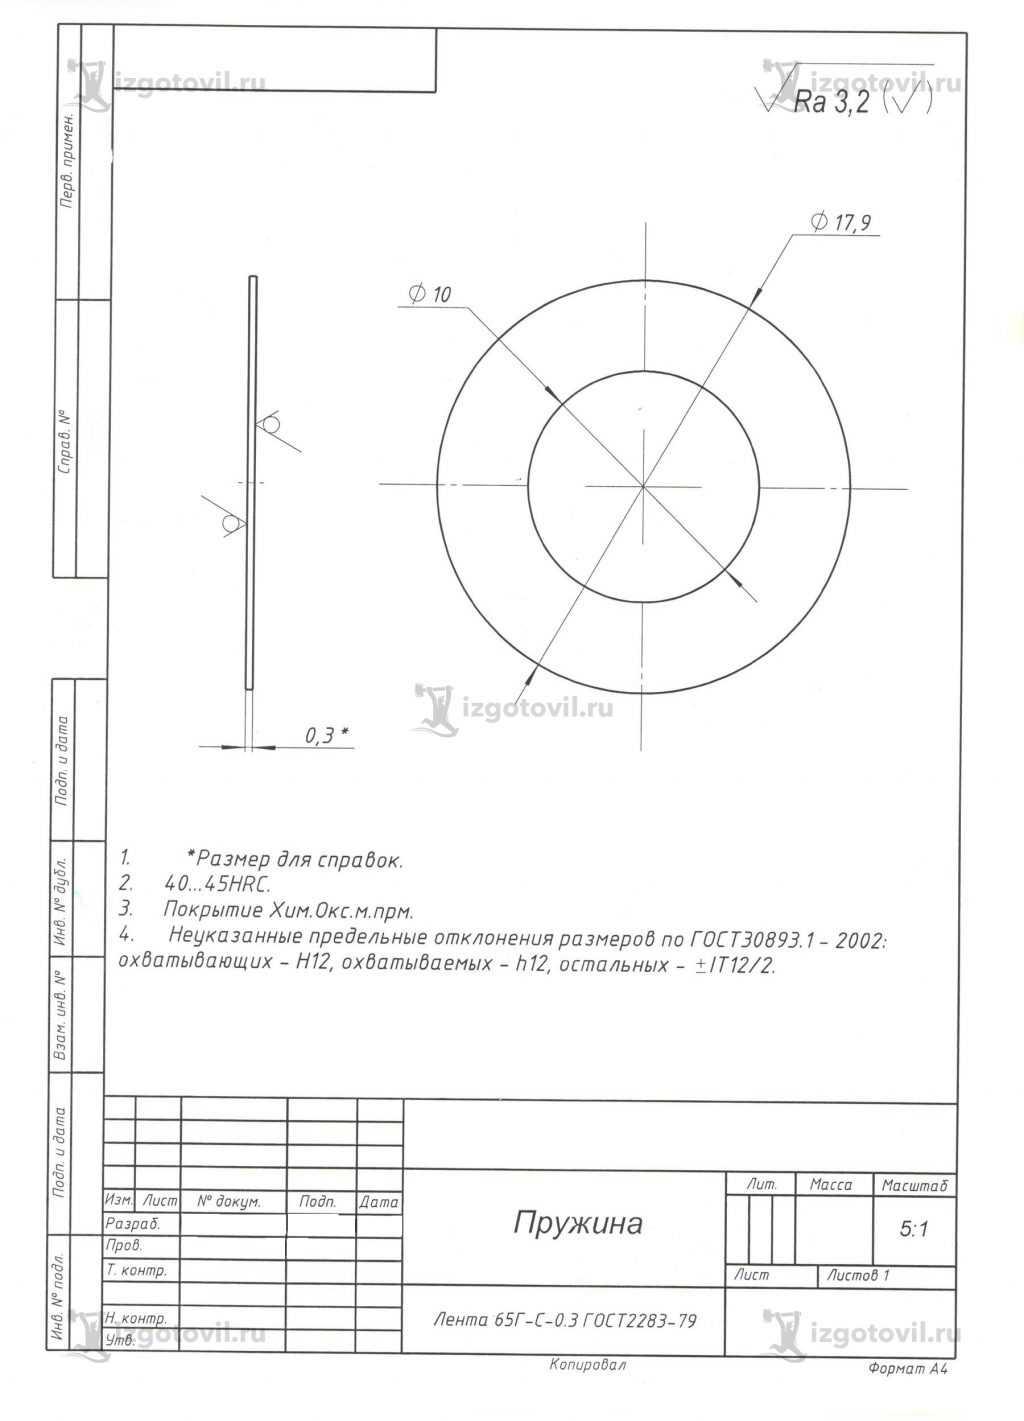 Лазерная резка: изготовление пружин